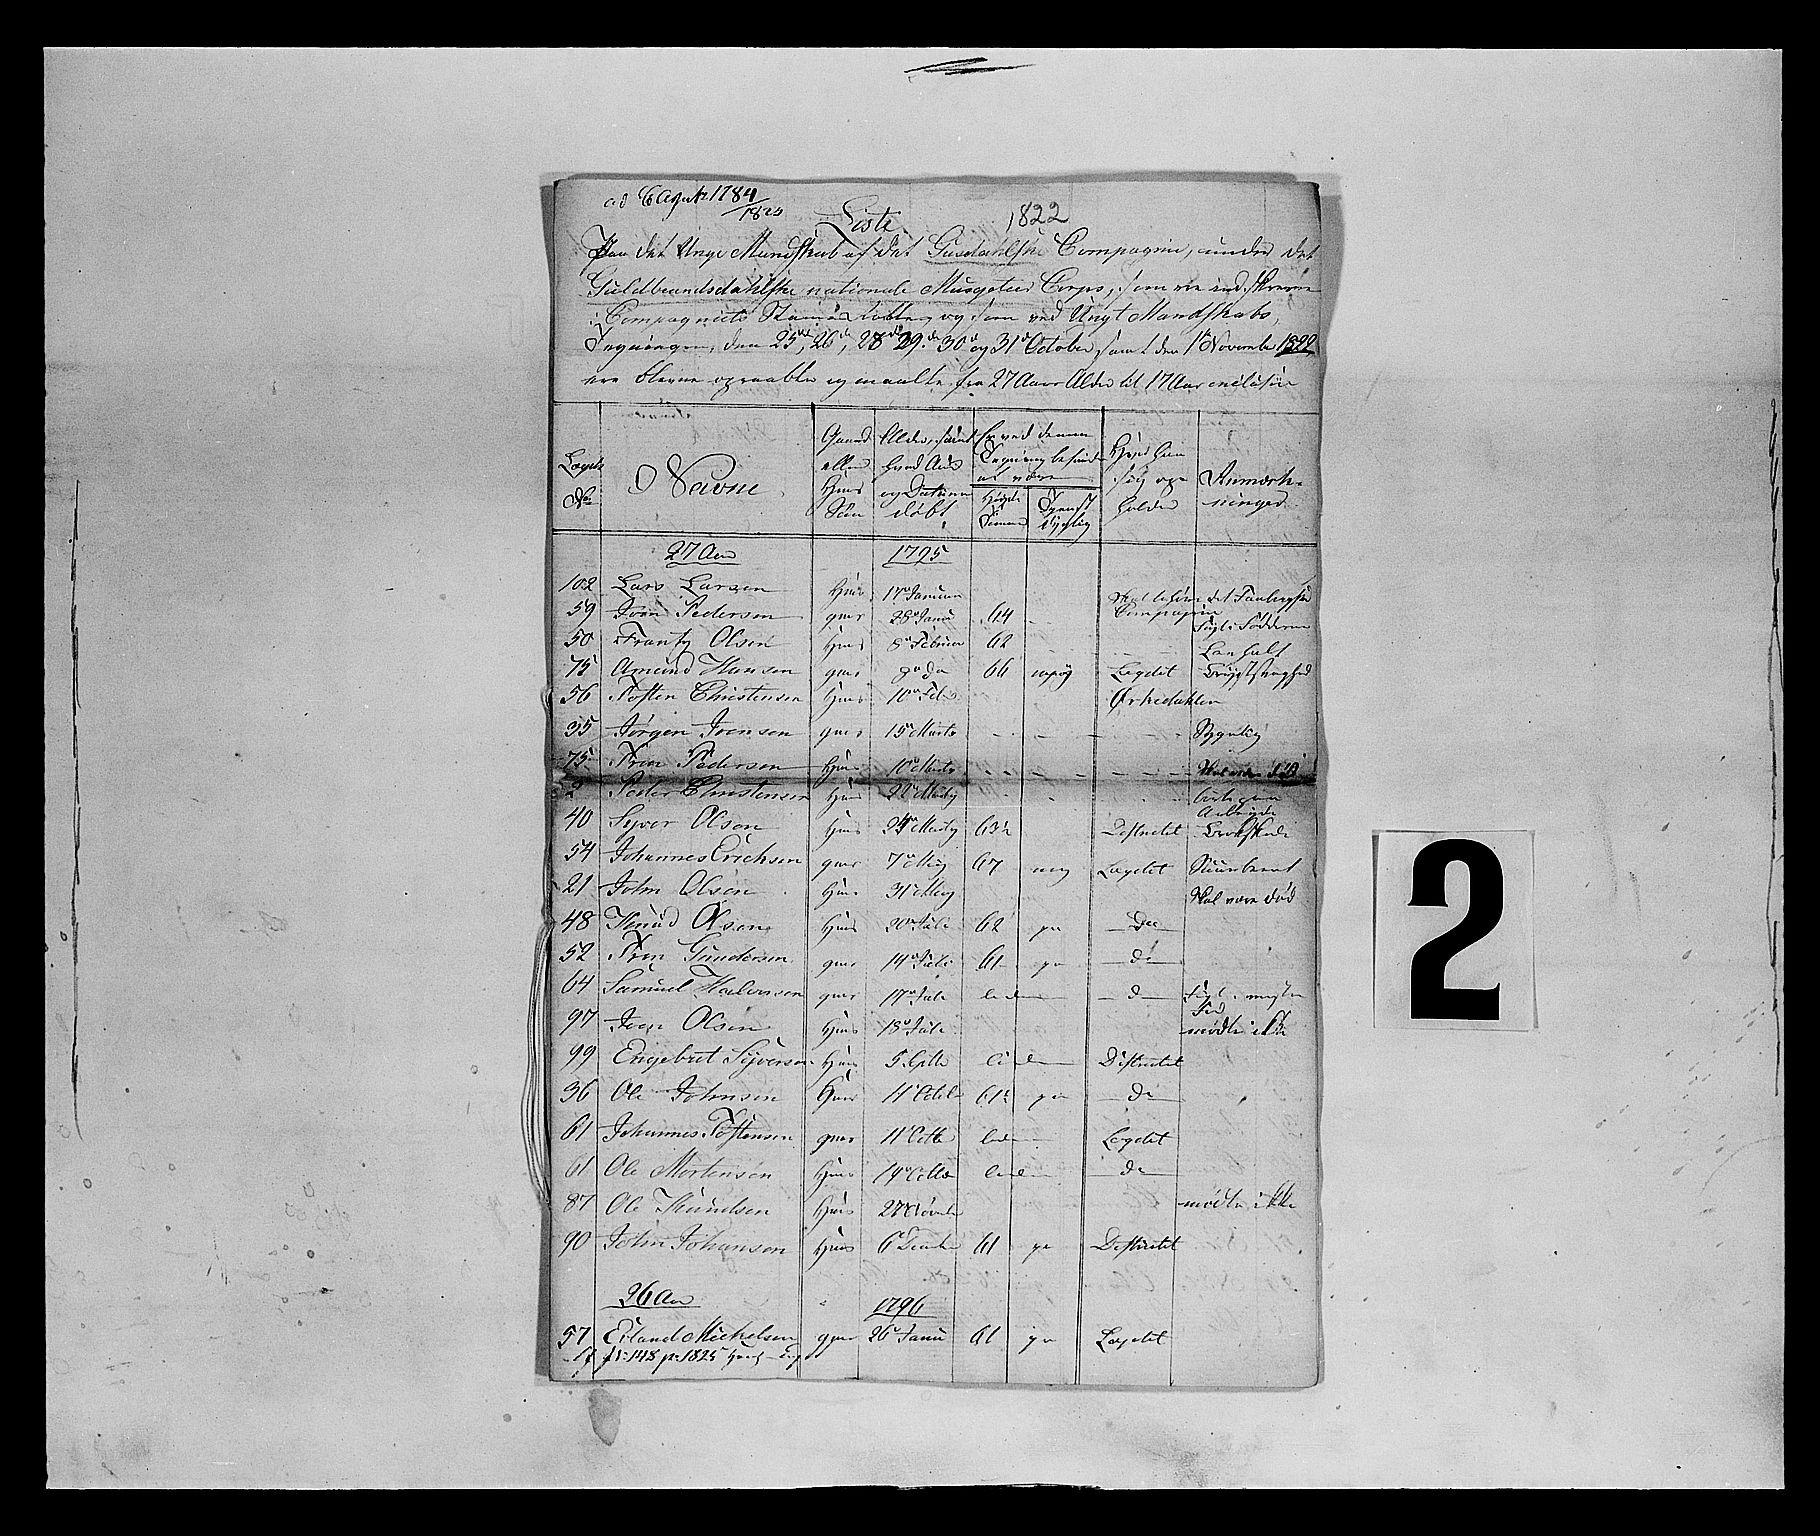 SAH, Fylkesmannen i Oppland, K/Ka/L1155: Gudbrandsdalen nasjonale musketérkorps - Gausdalske kompani, 3. og 4. divisjon av Opland landvernsbataljon, 1818-1860, p. 12